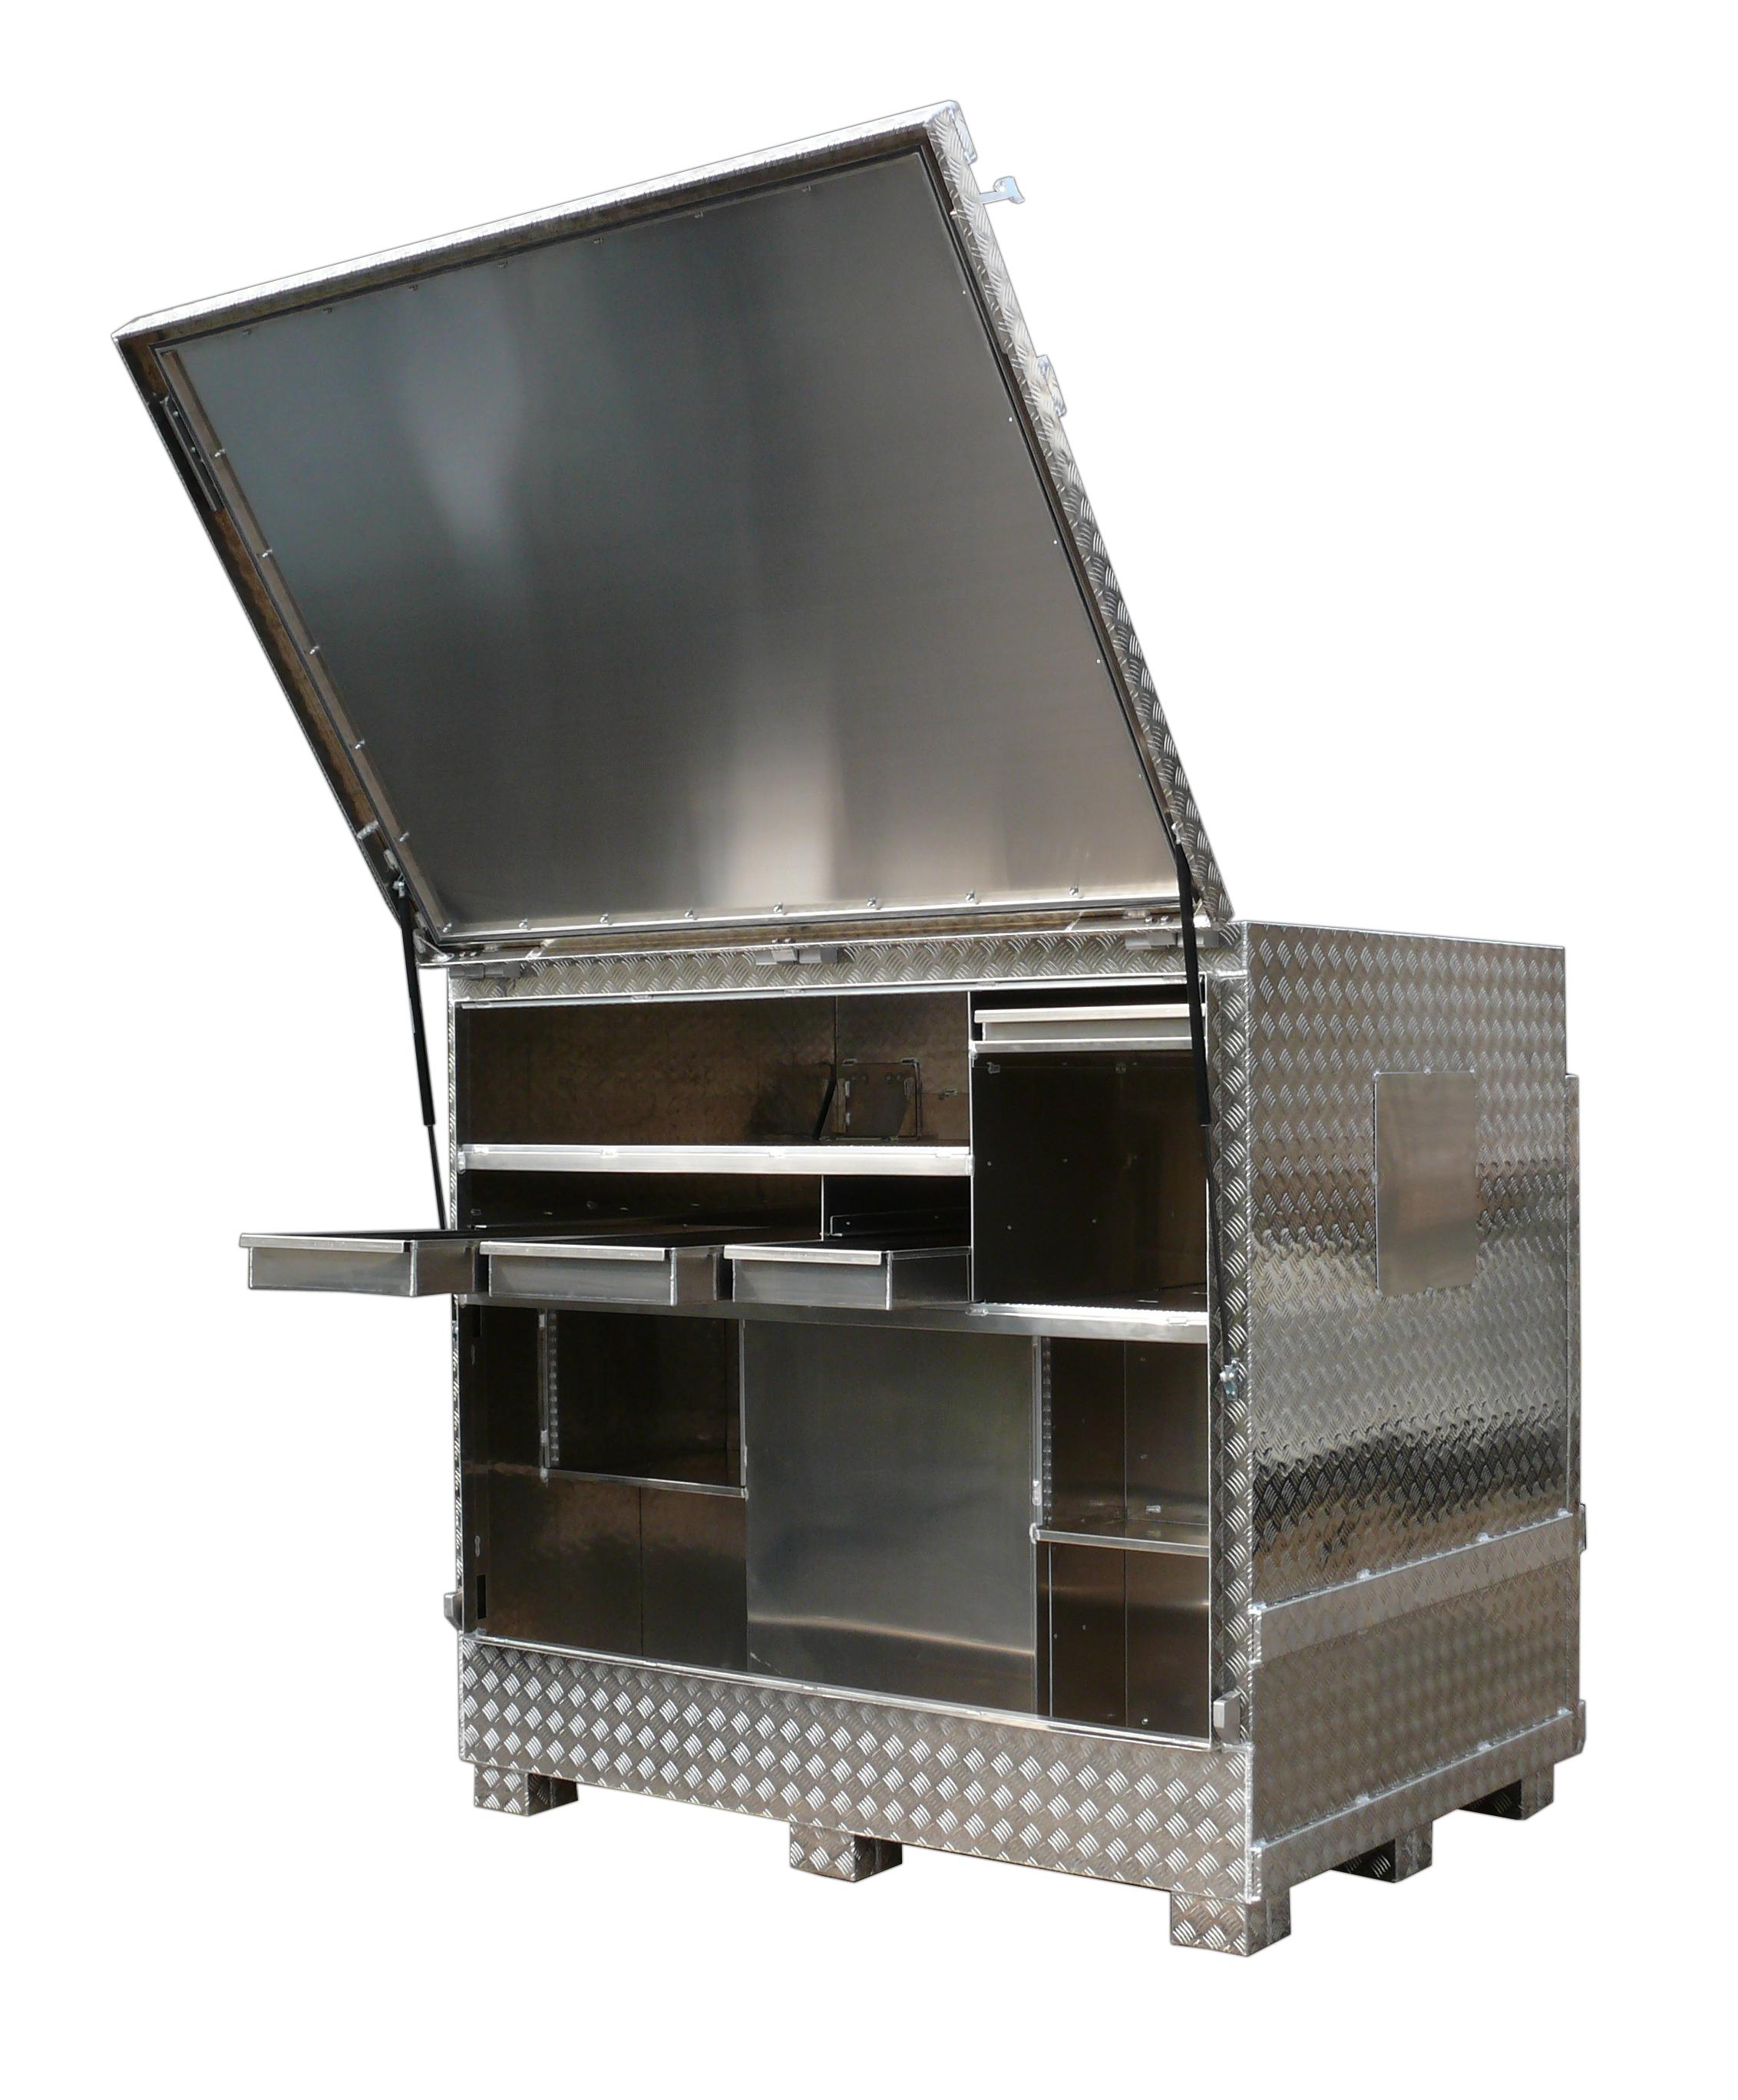 Staukasten Werkstattbox Alu